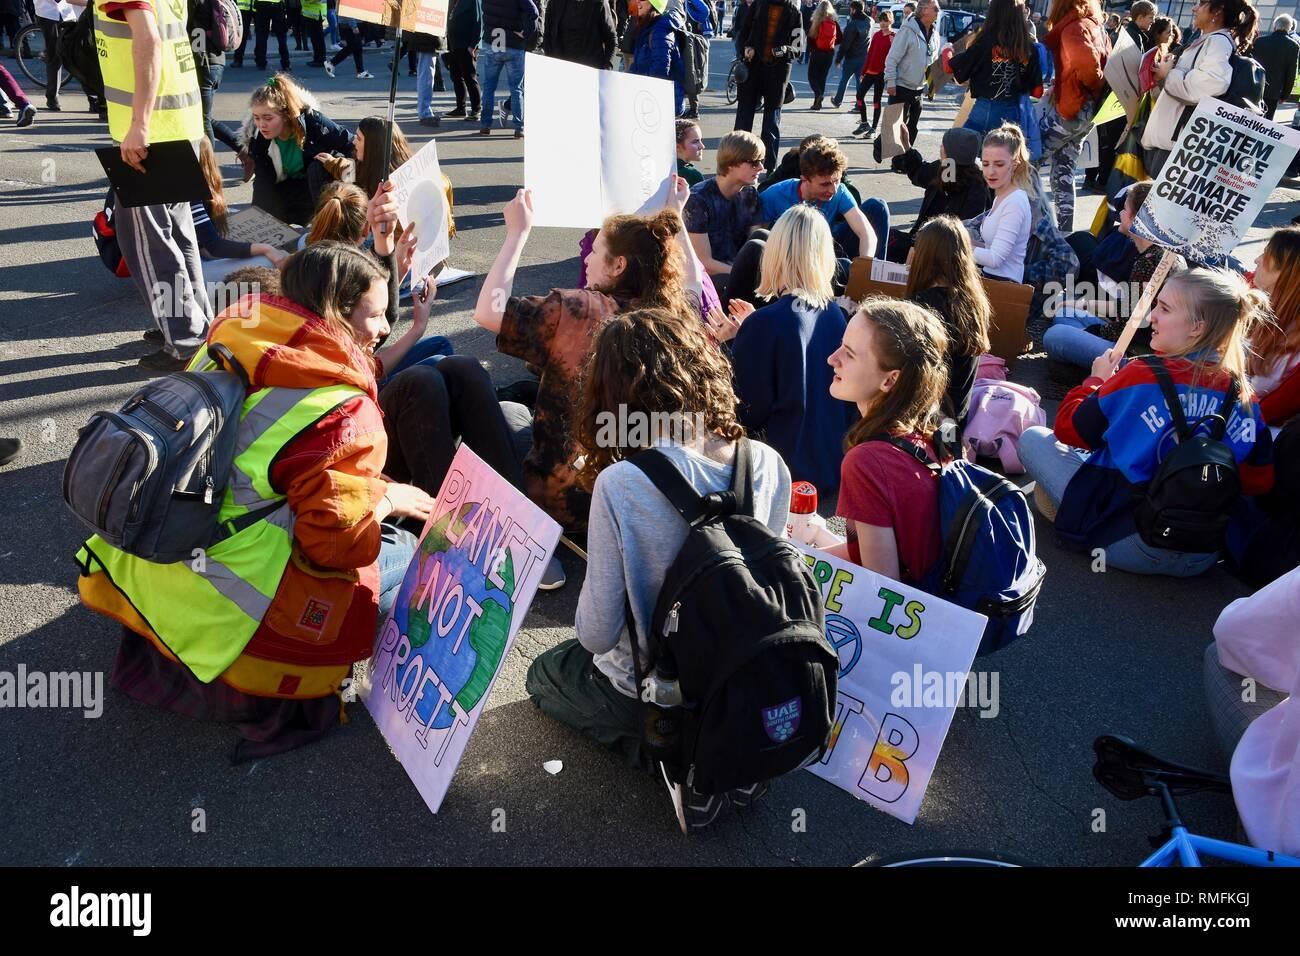 Les jeunes manifestants ont bloqué le trafic avec une protestation s'asseoir.Le changement climatique,Démonstration de Parliament Square, London.UK Photo Stock